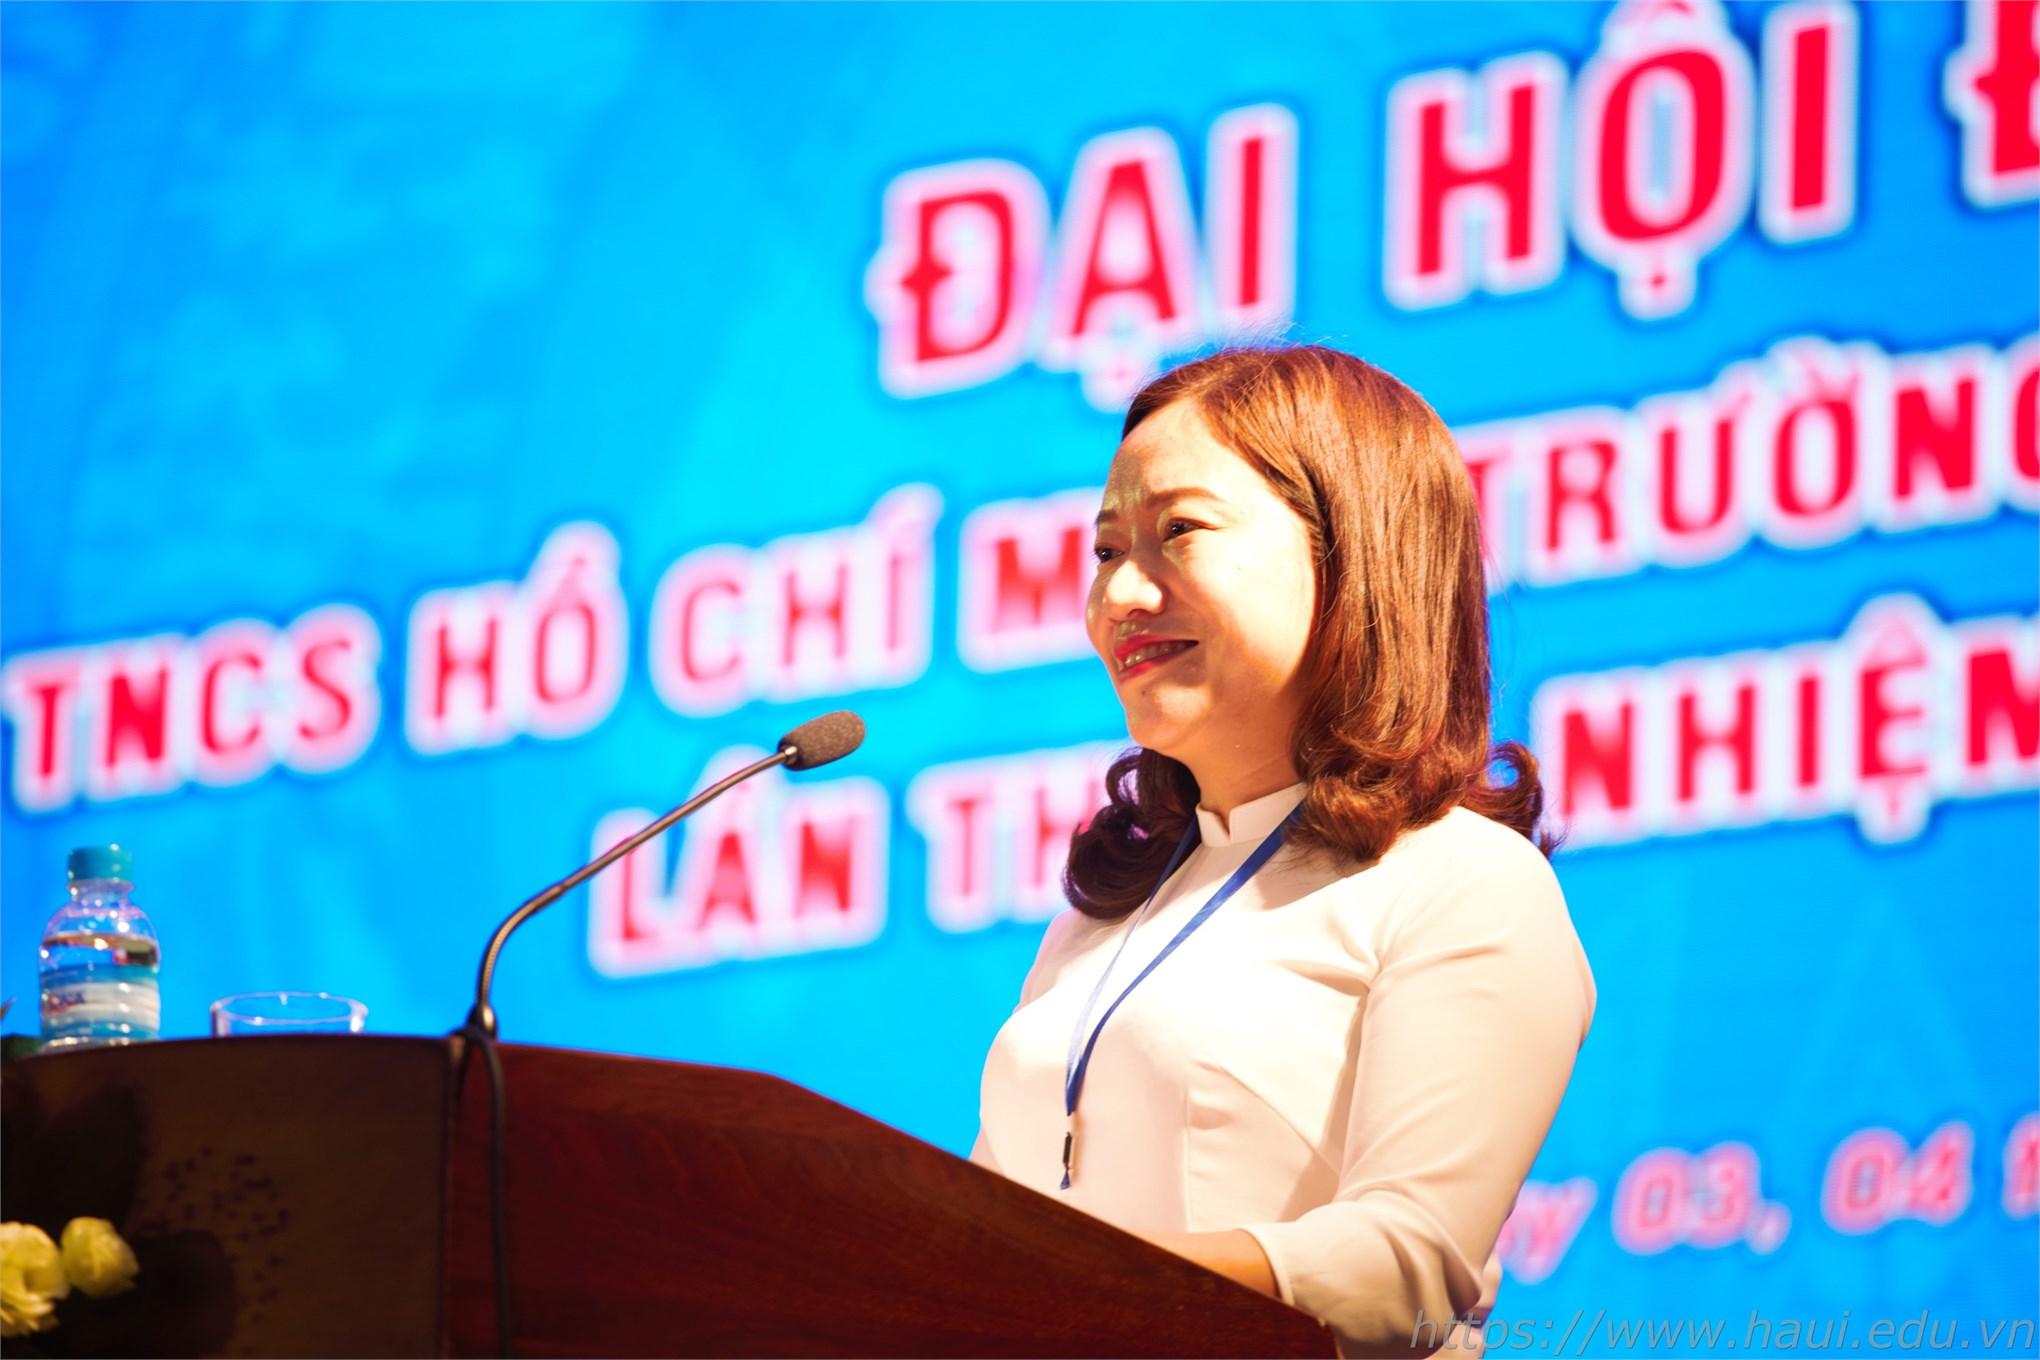 Đồng chí Trương Thị Thanh Hoài tiếp tục giữ chức Bí thư Đoàn TNCS Hồ Chí Minh